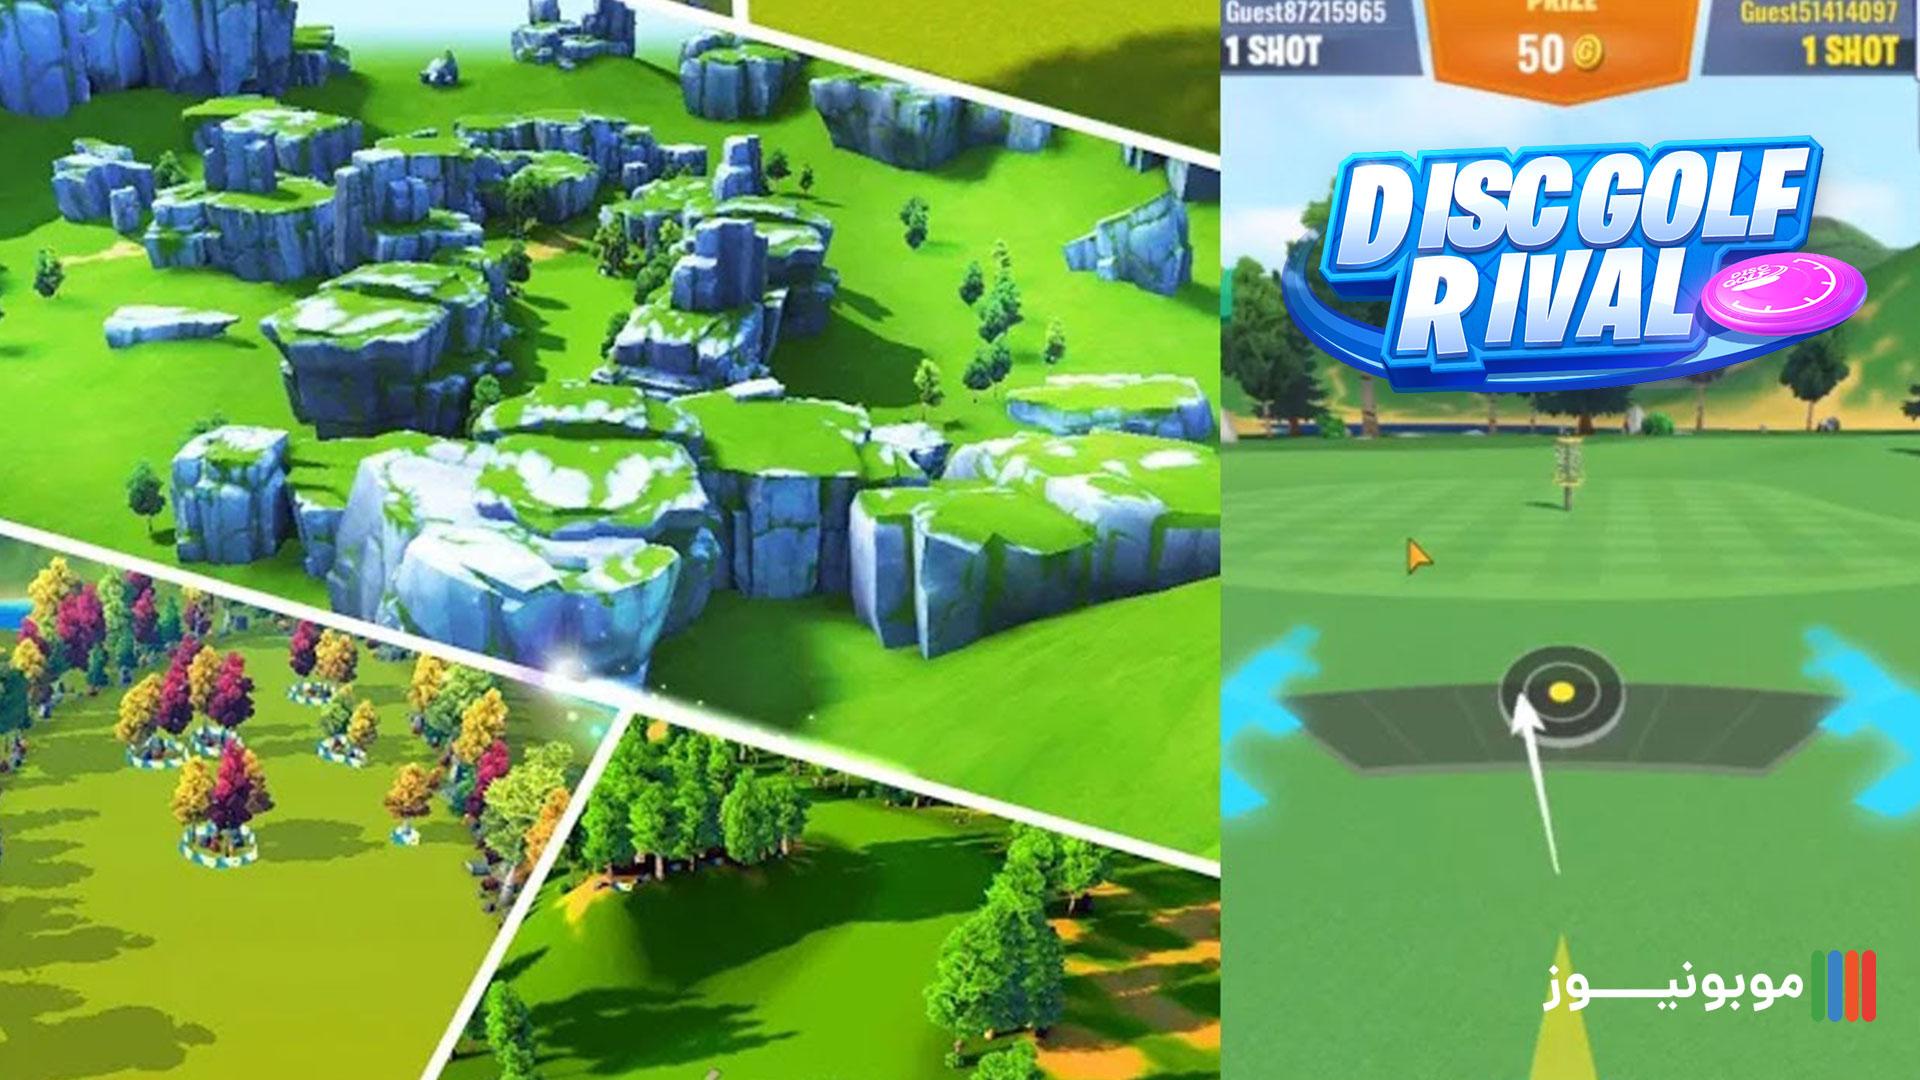 بازی مهیج و سرگرم کننده Disc Golf Rival